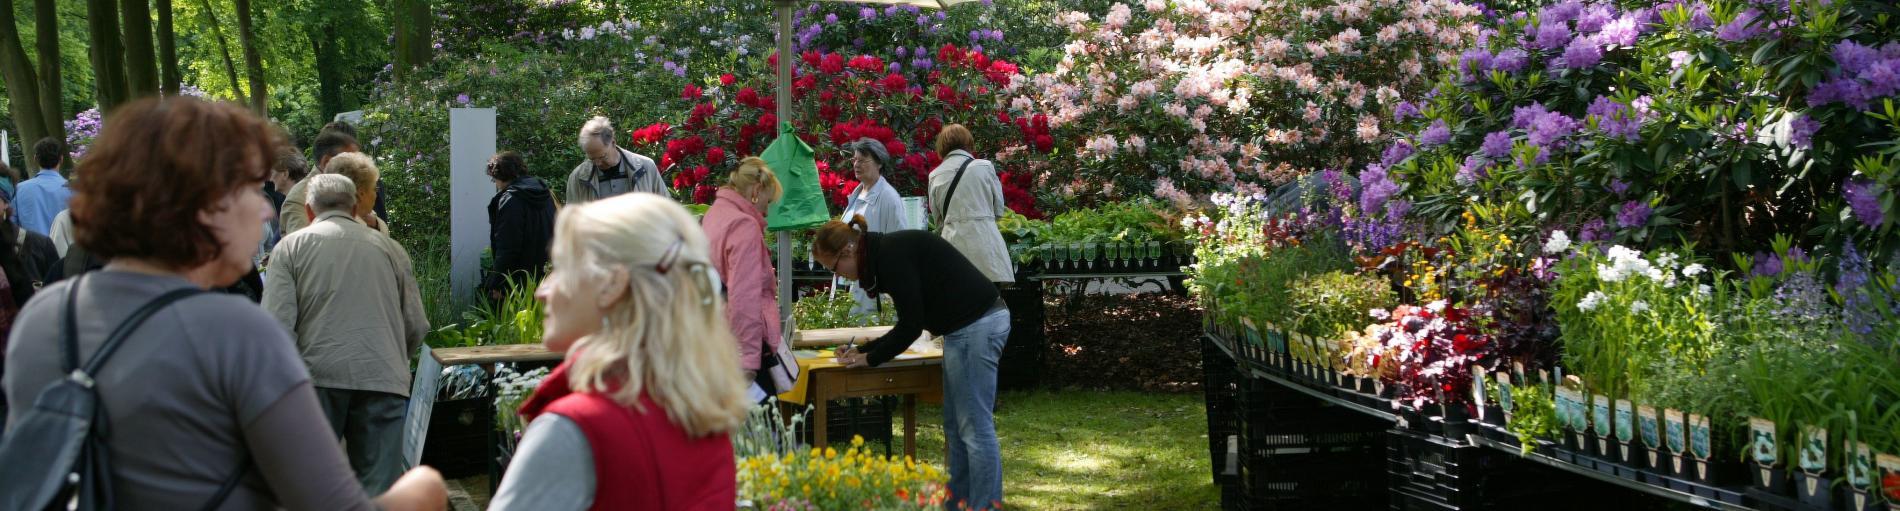 Botanischer Frühlings-Pflanzenmarkt